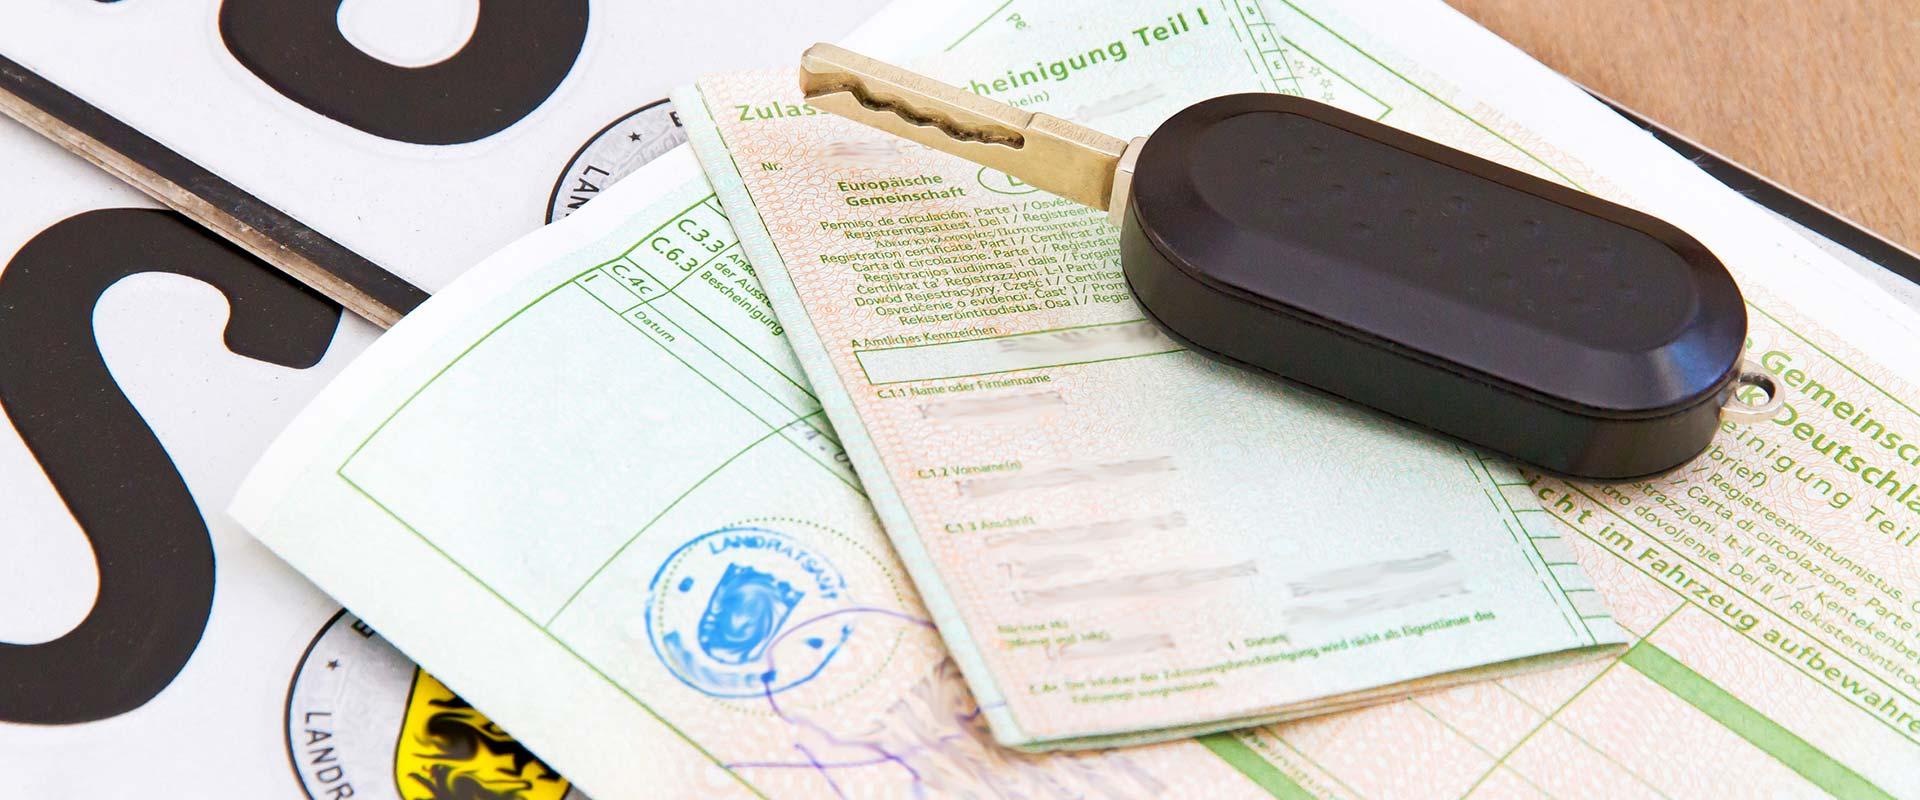 Zulassungsservice: Fahrzeugpapiere, Dokumente und Kennzeichen